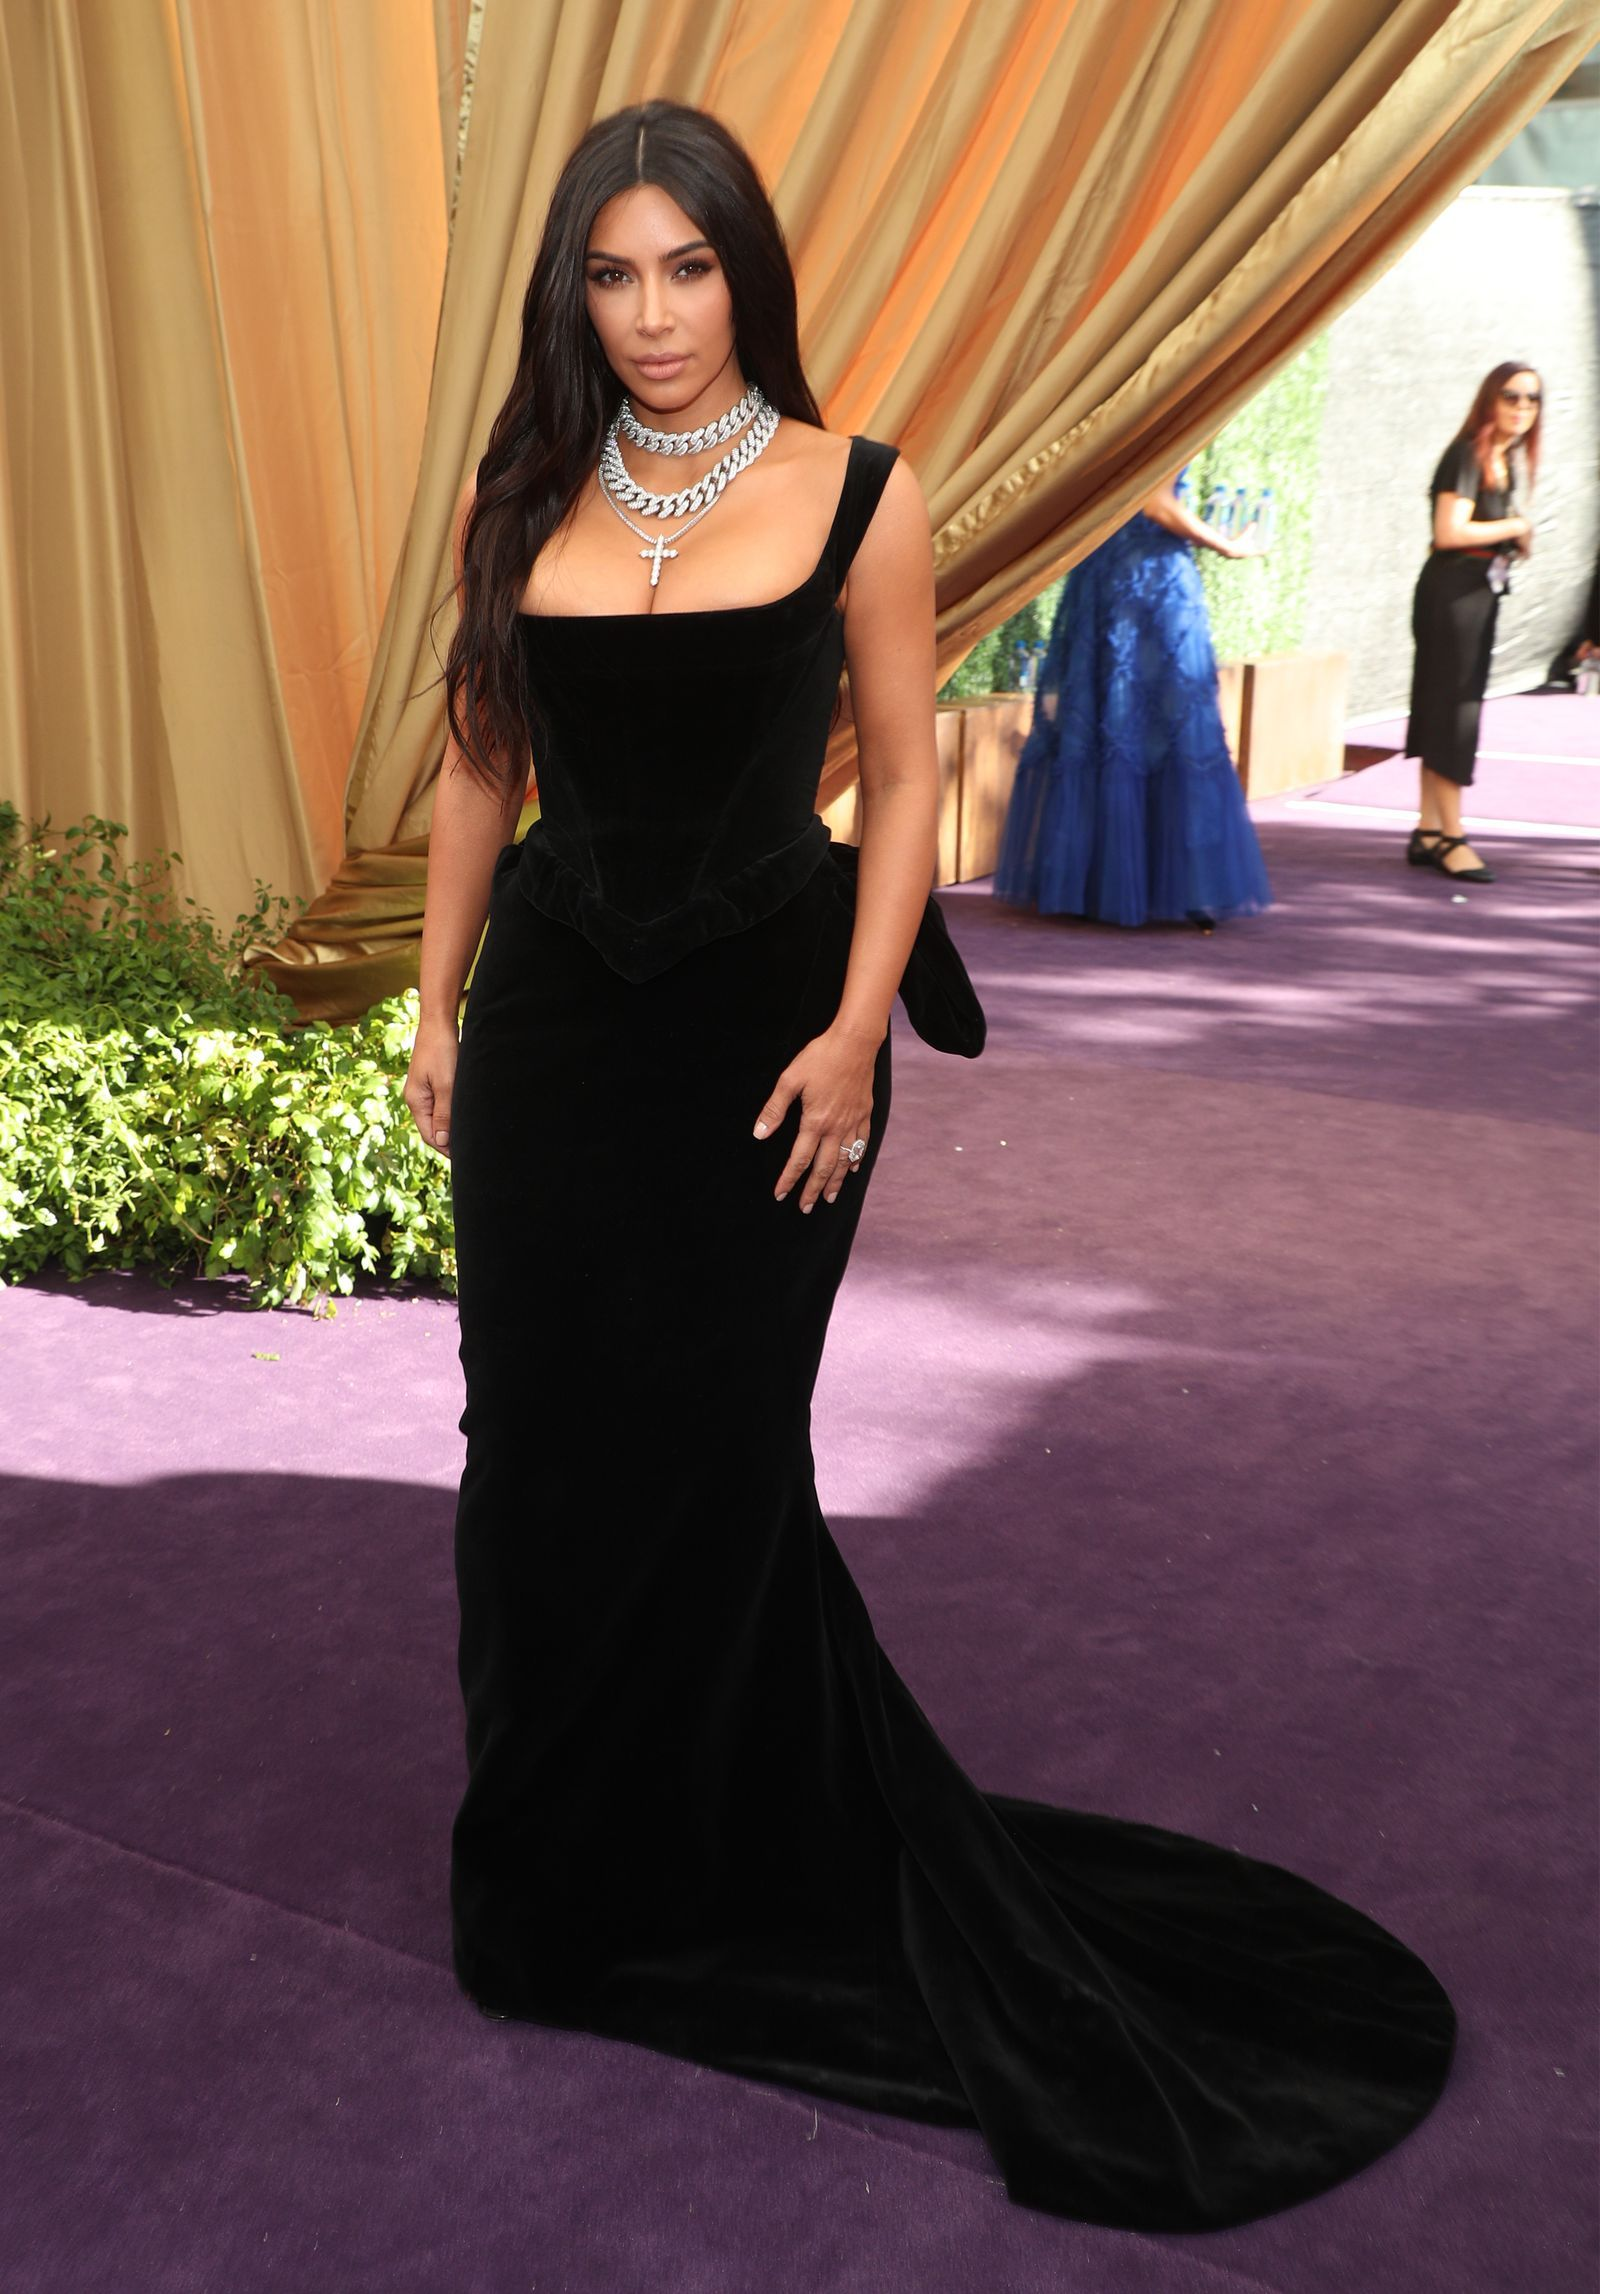 Emmy Awards 2019 Red Carpet Celebrity Dresses Khloe Kardashian Dress Kim Kardashian Dresses [ 2294 x 1600 Pixel ]